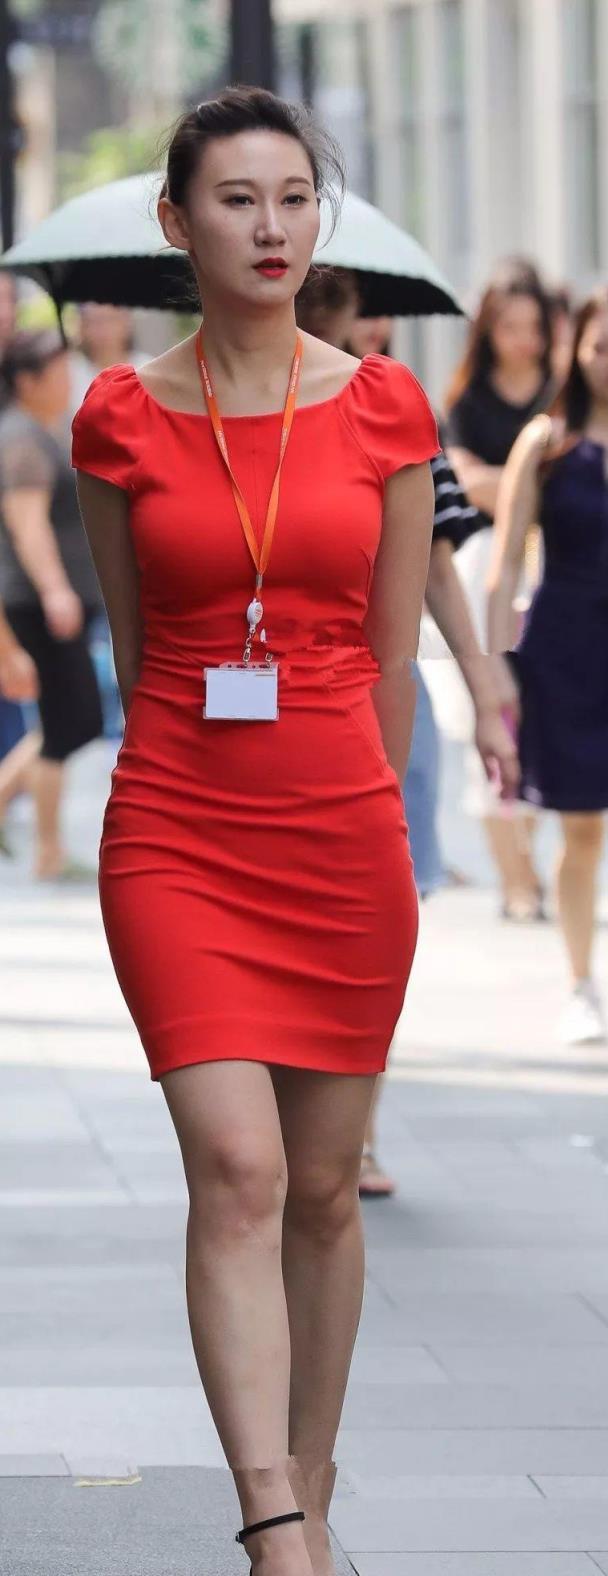 街拍:红色鲜艳连衣裙的职业美女